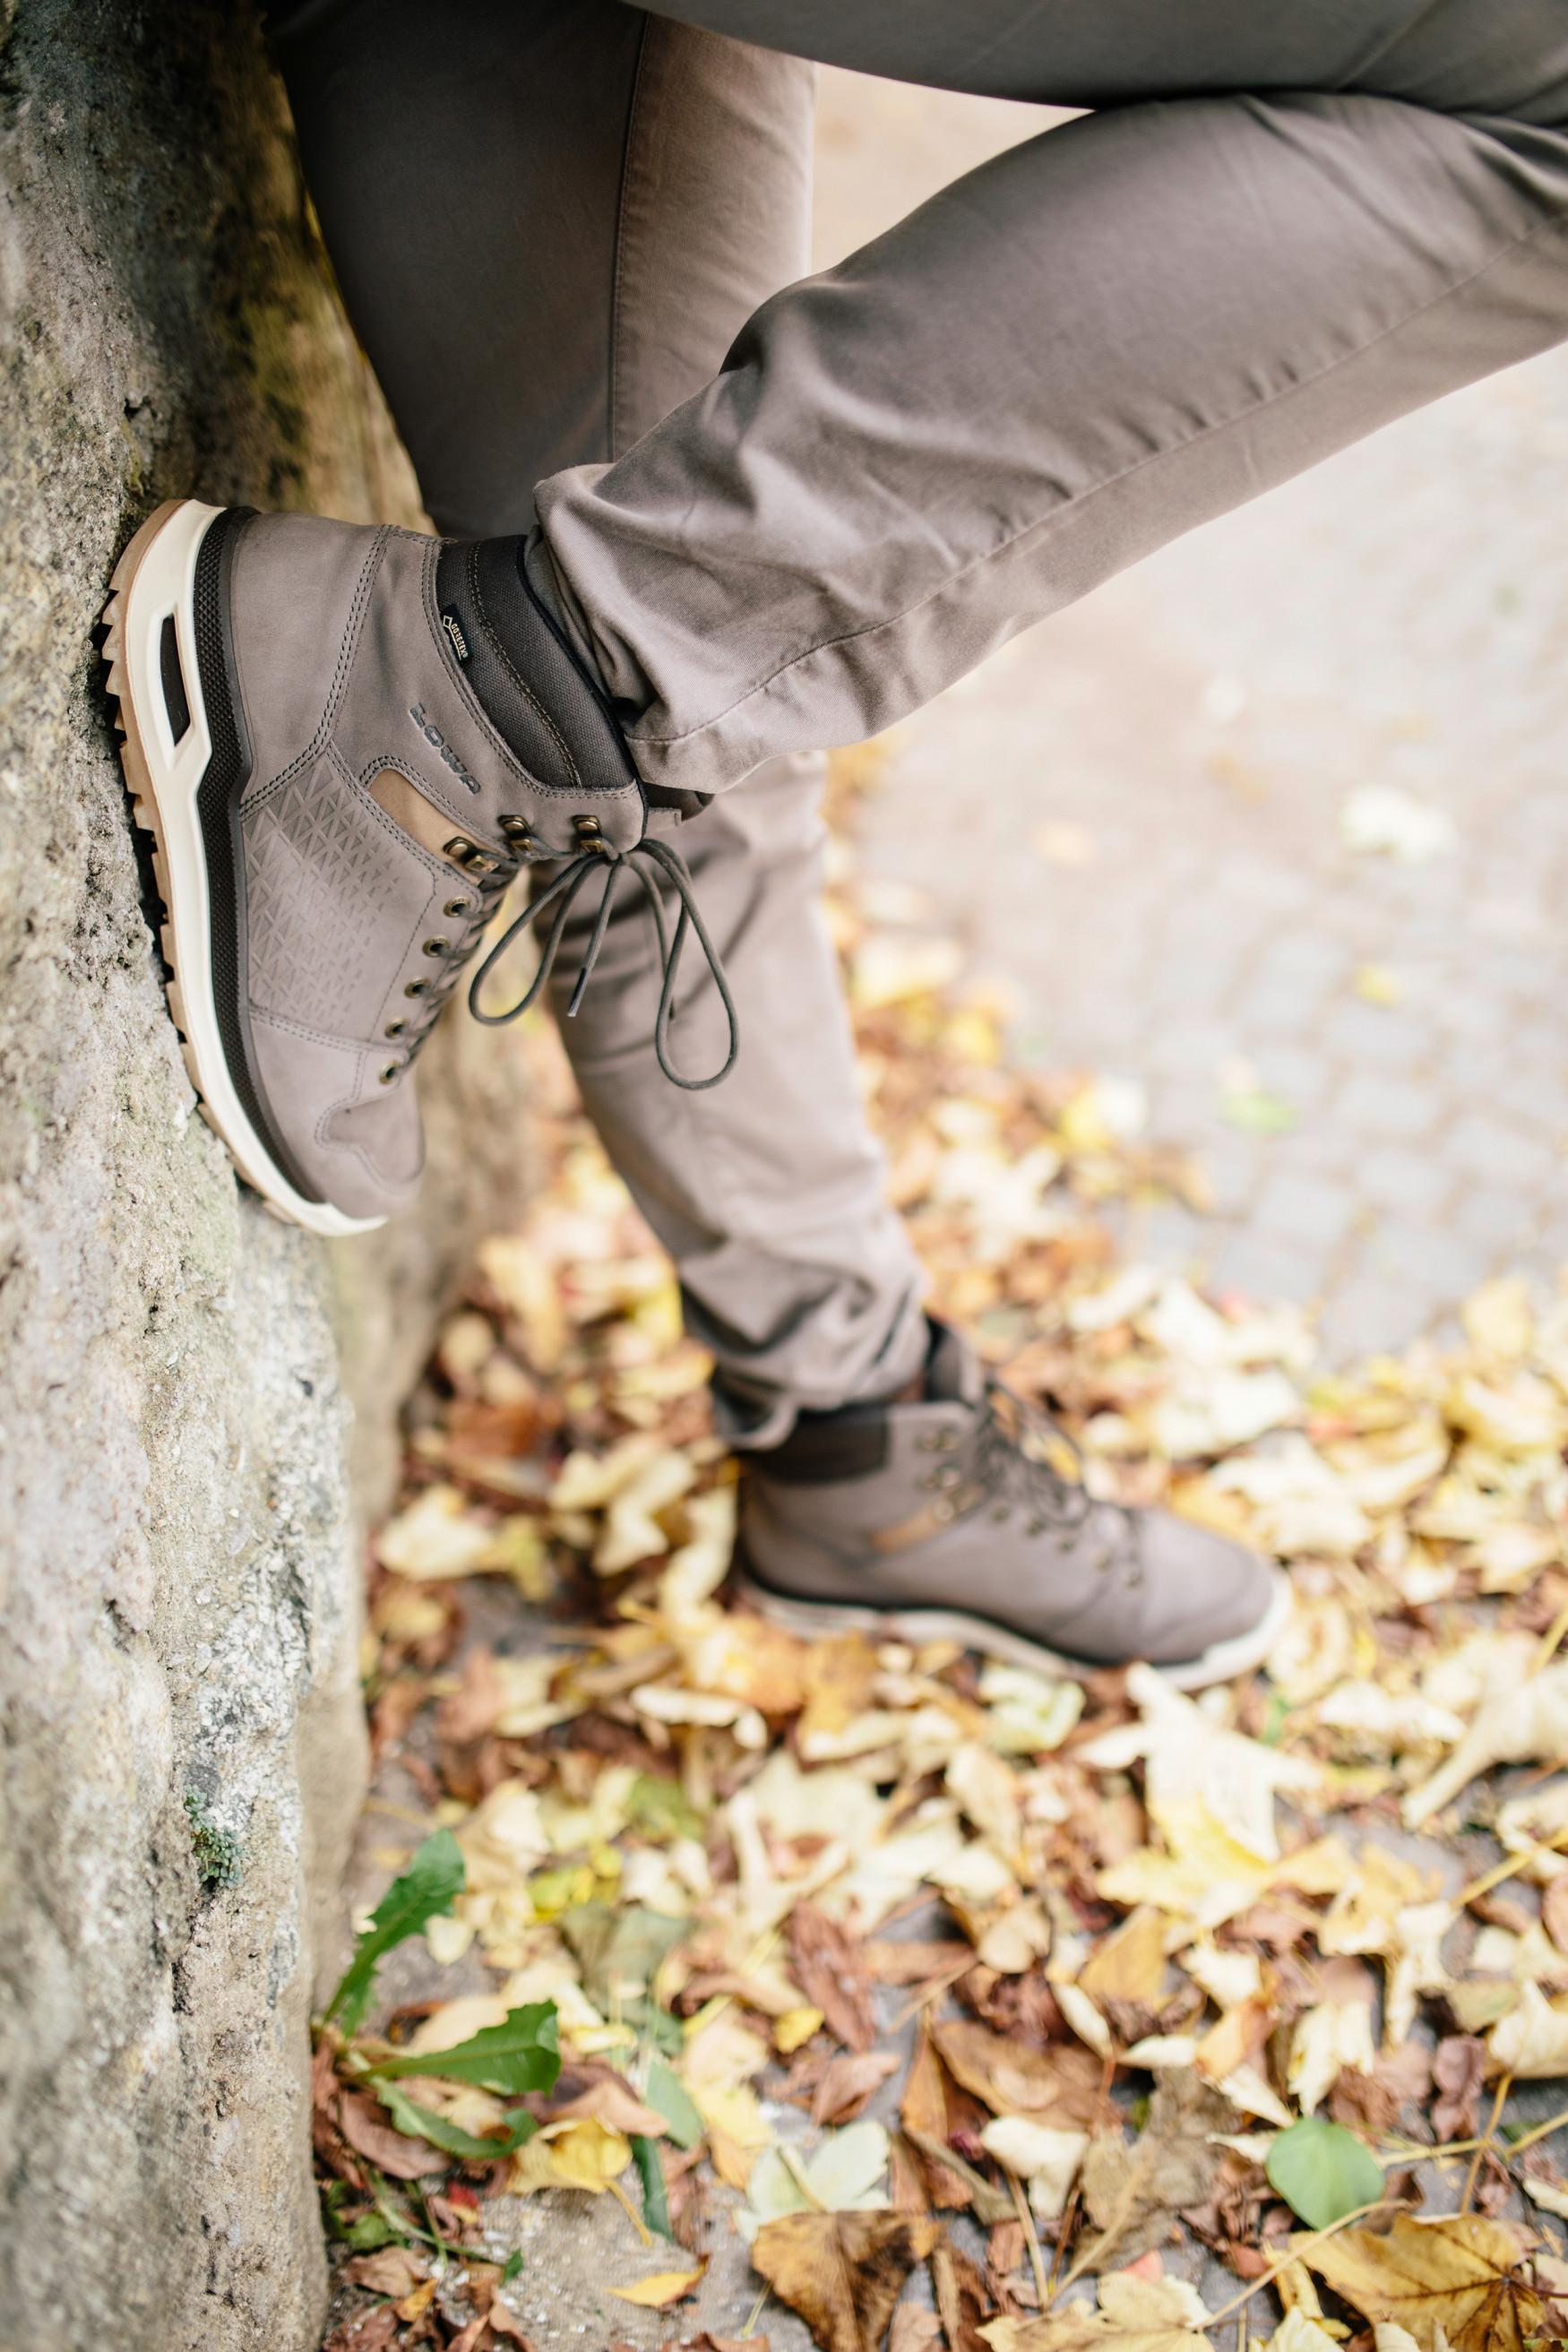 """""""Lifestyle meets outdoor"""": non c'è slogan più azzeccato per descrivere il versatile modello LOCARNO GTX® MID. Questa soluzione ibrida funzionale dal look casual crea calzature da escursionismo che non sfigurano ai piedi di chi segue le tendenze. Pelle goffrata, fodera in Gore-Tex®, una struttura LOWA MONOWRAP® ridotta, di nuova concezione e un'intersuola ammortizzante in LOWA DynaPU® conferiscono un look casual, garantendo al contempo anche un uso spontaneo all'aperto."""